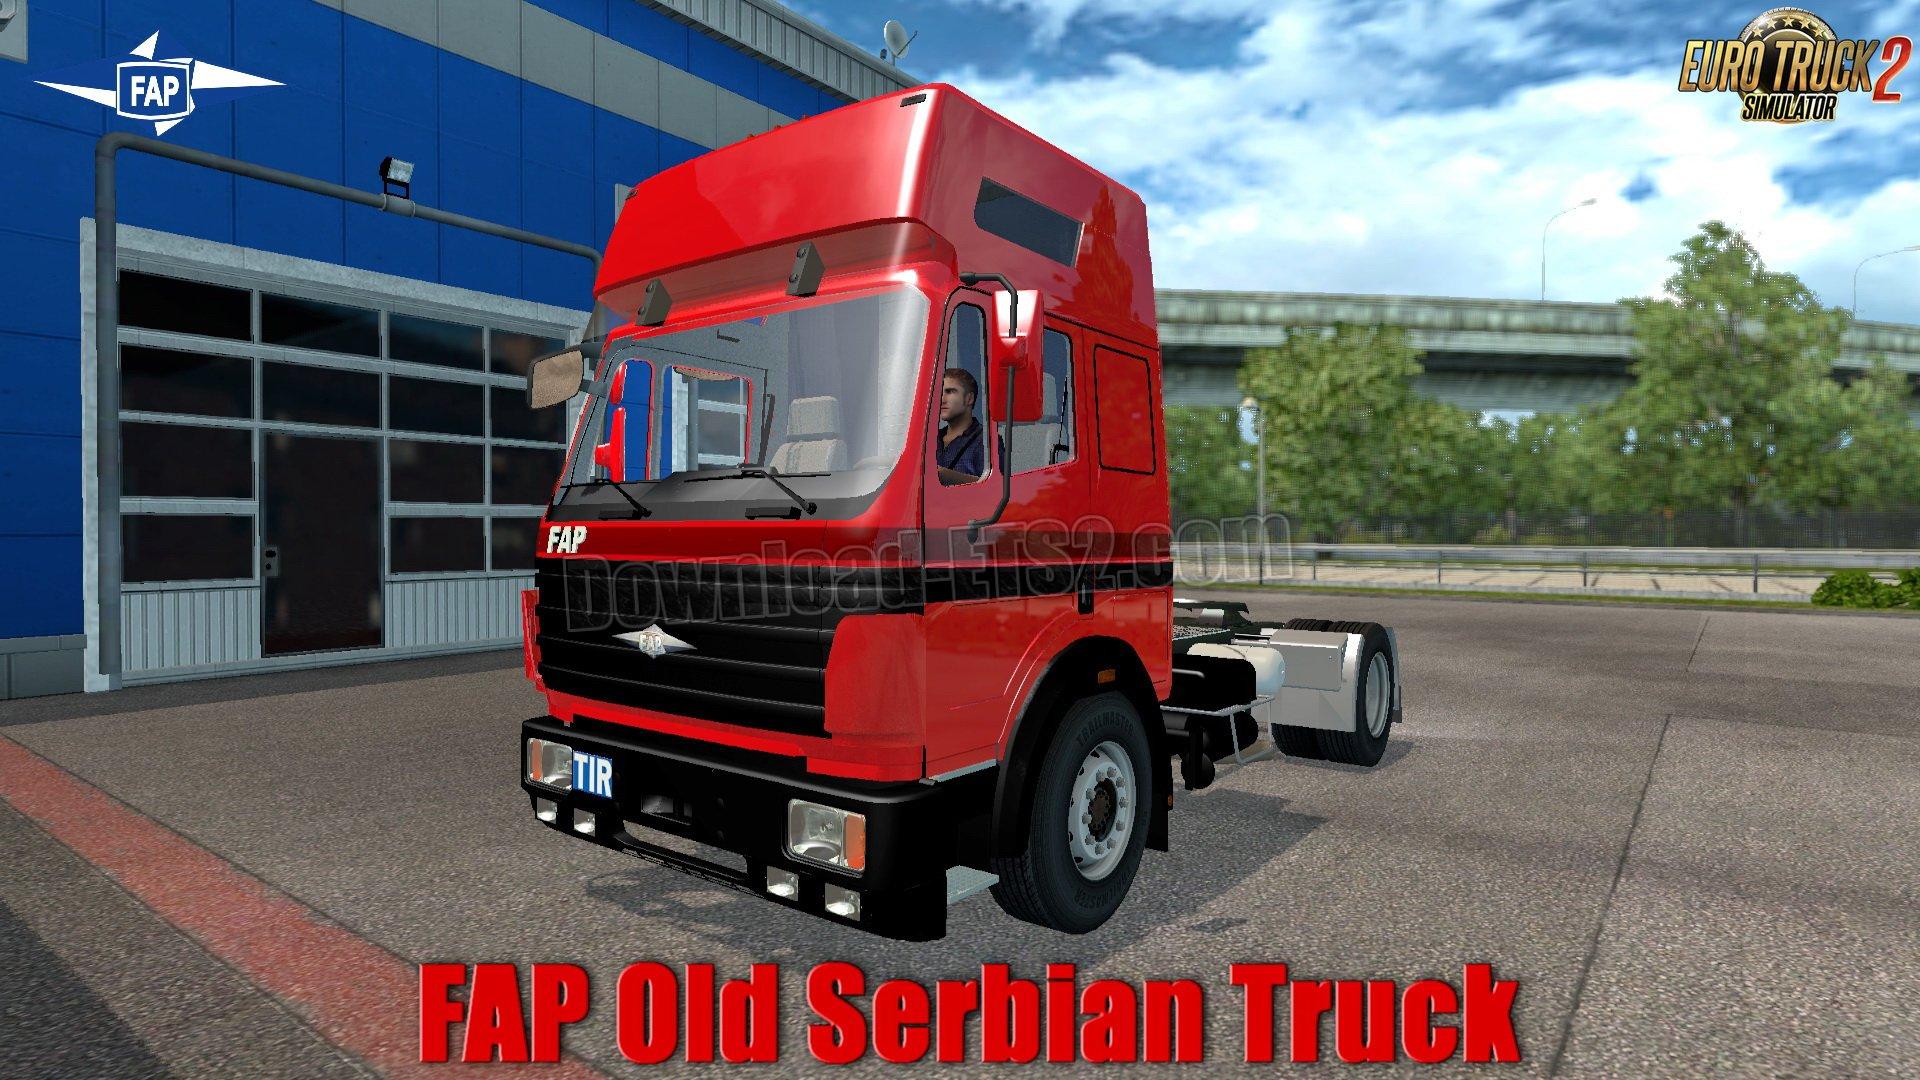 FAP Old Serbian Truck v1.0 (1.31.x)